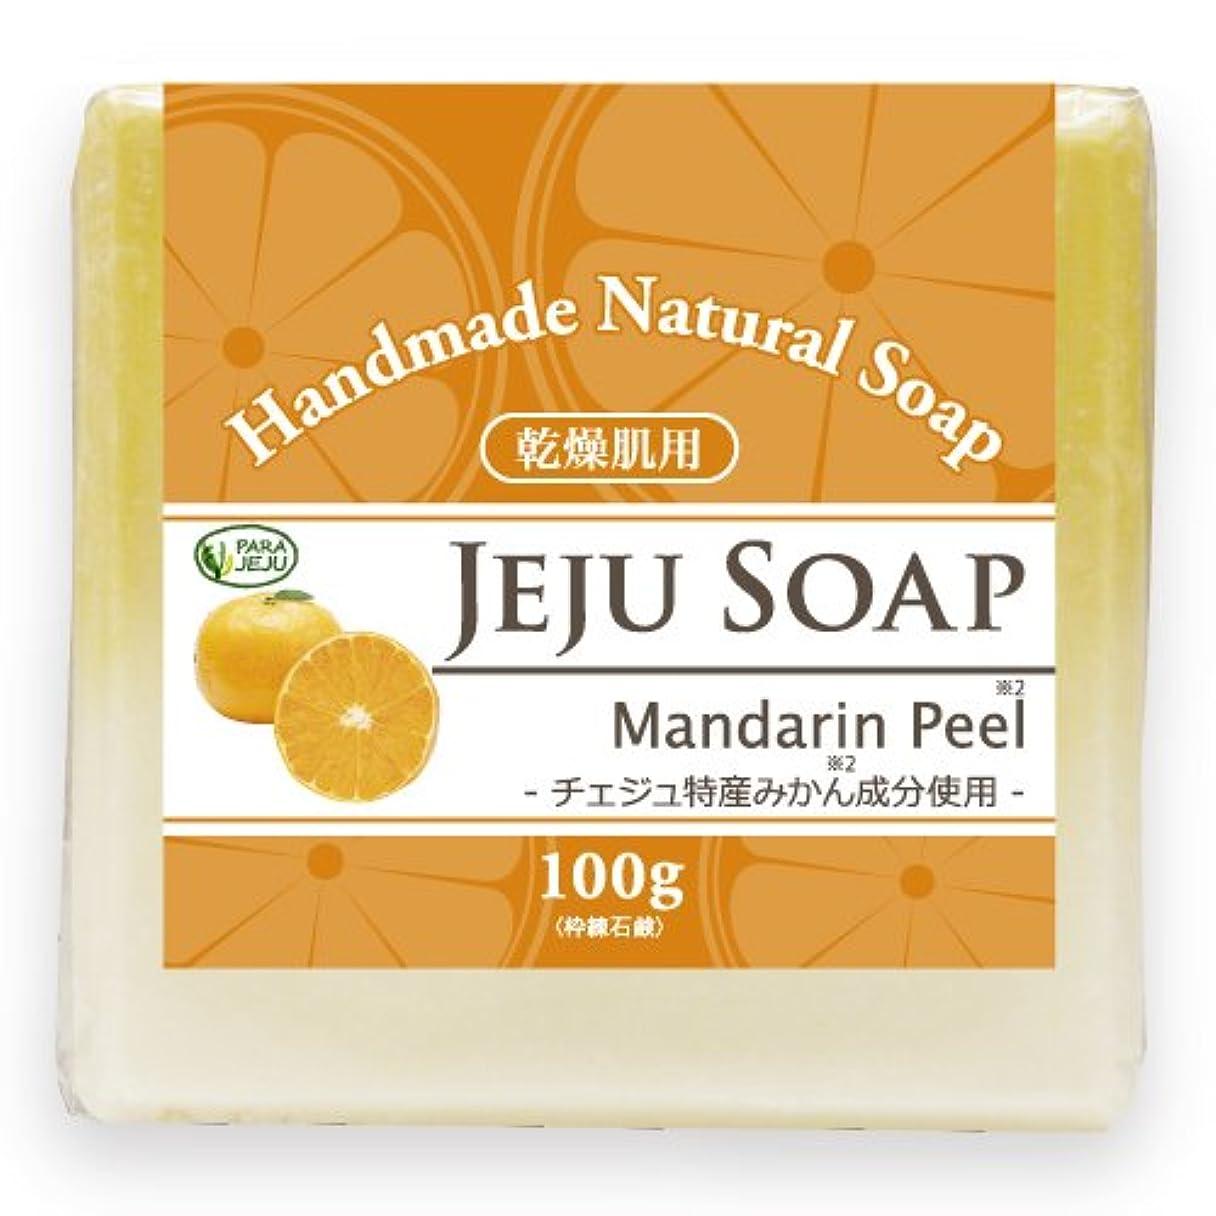 ワームシンプトン熱帯のチェジュ ミカン石鹸 100g